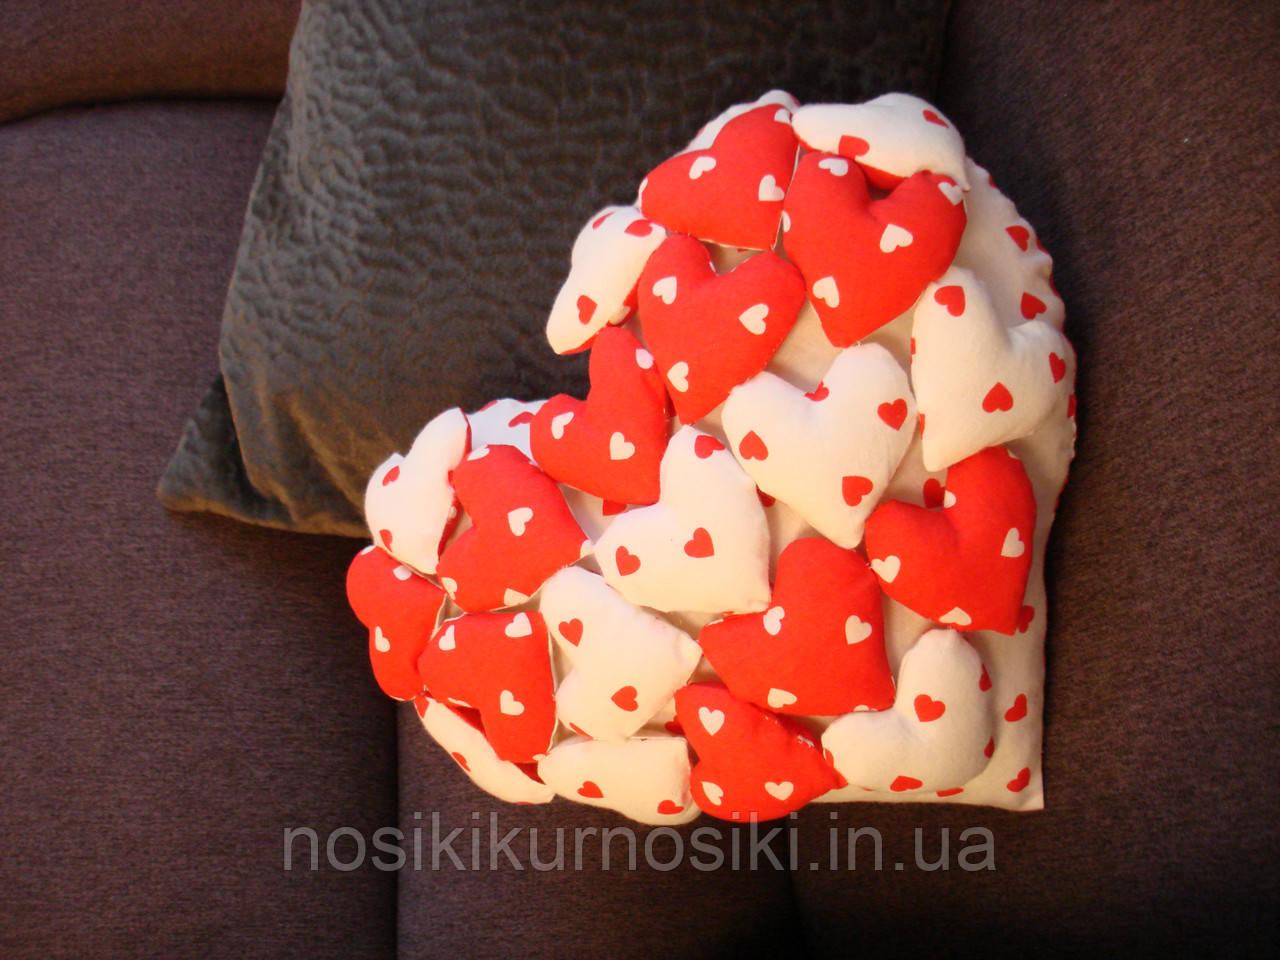 Интерьерная подушка ручной работы из натуральных тканей — Сердце с сердечками